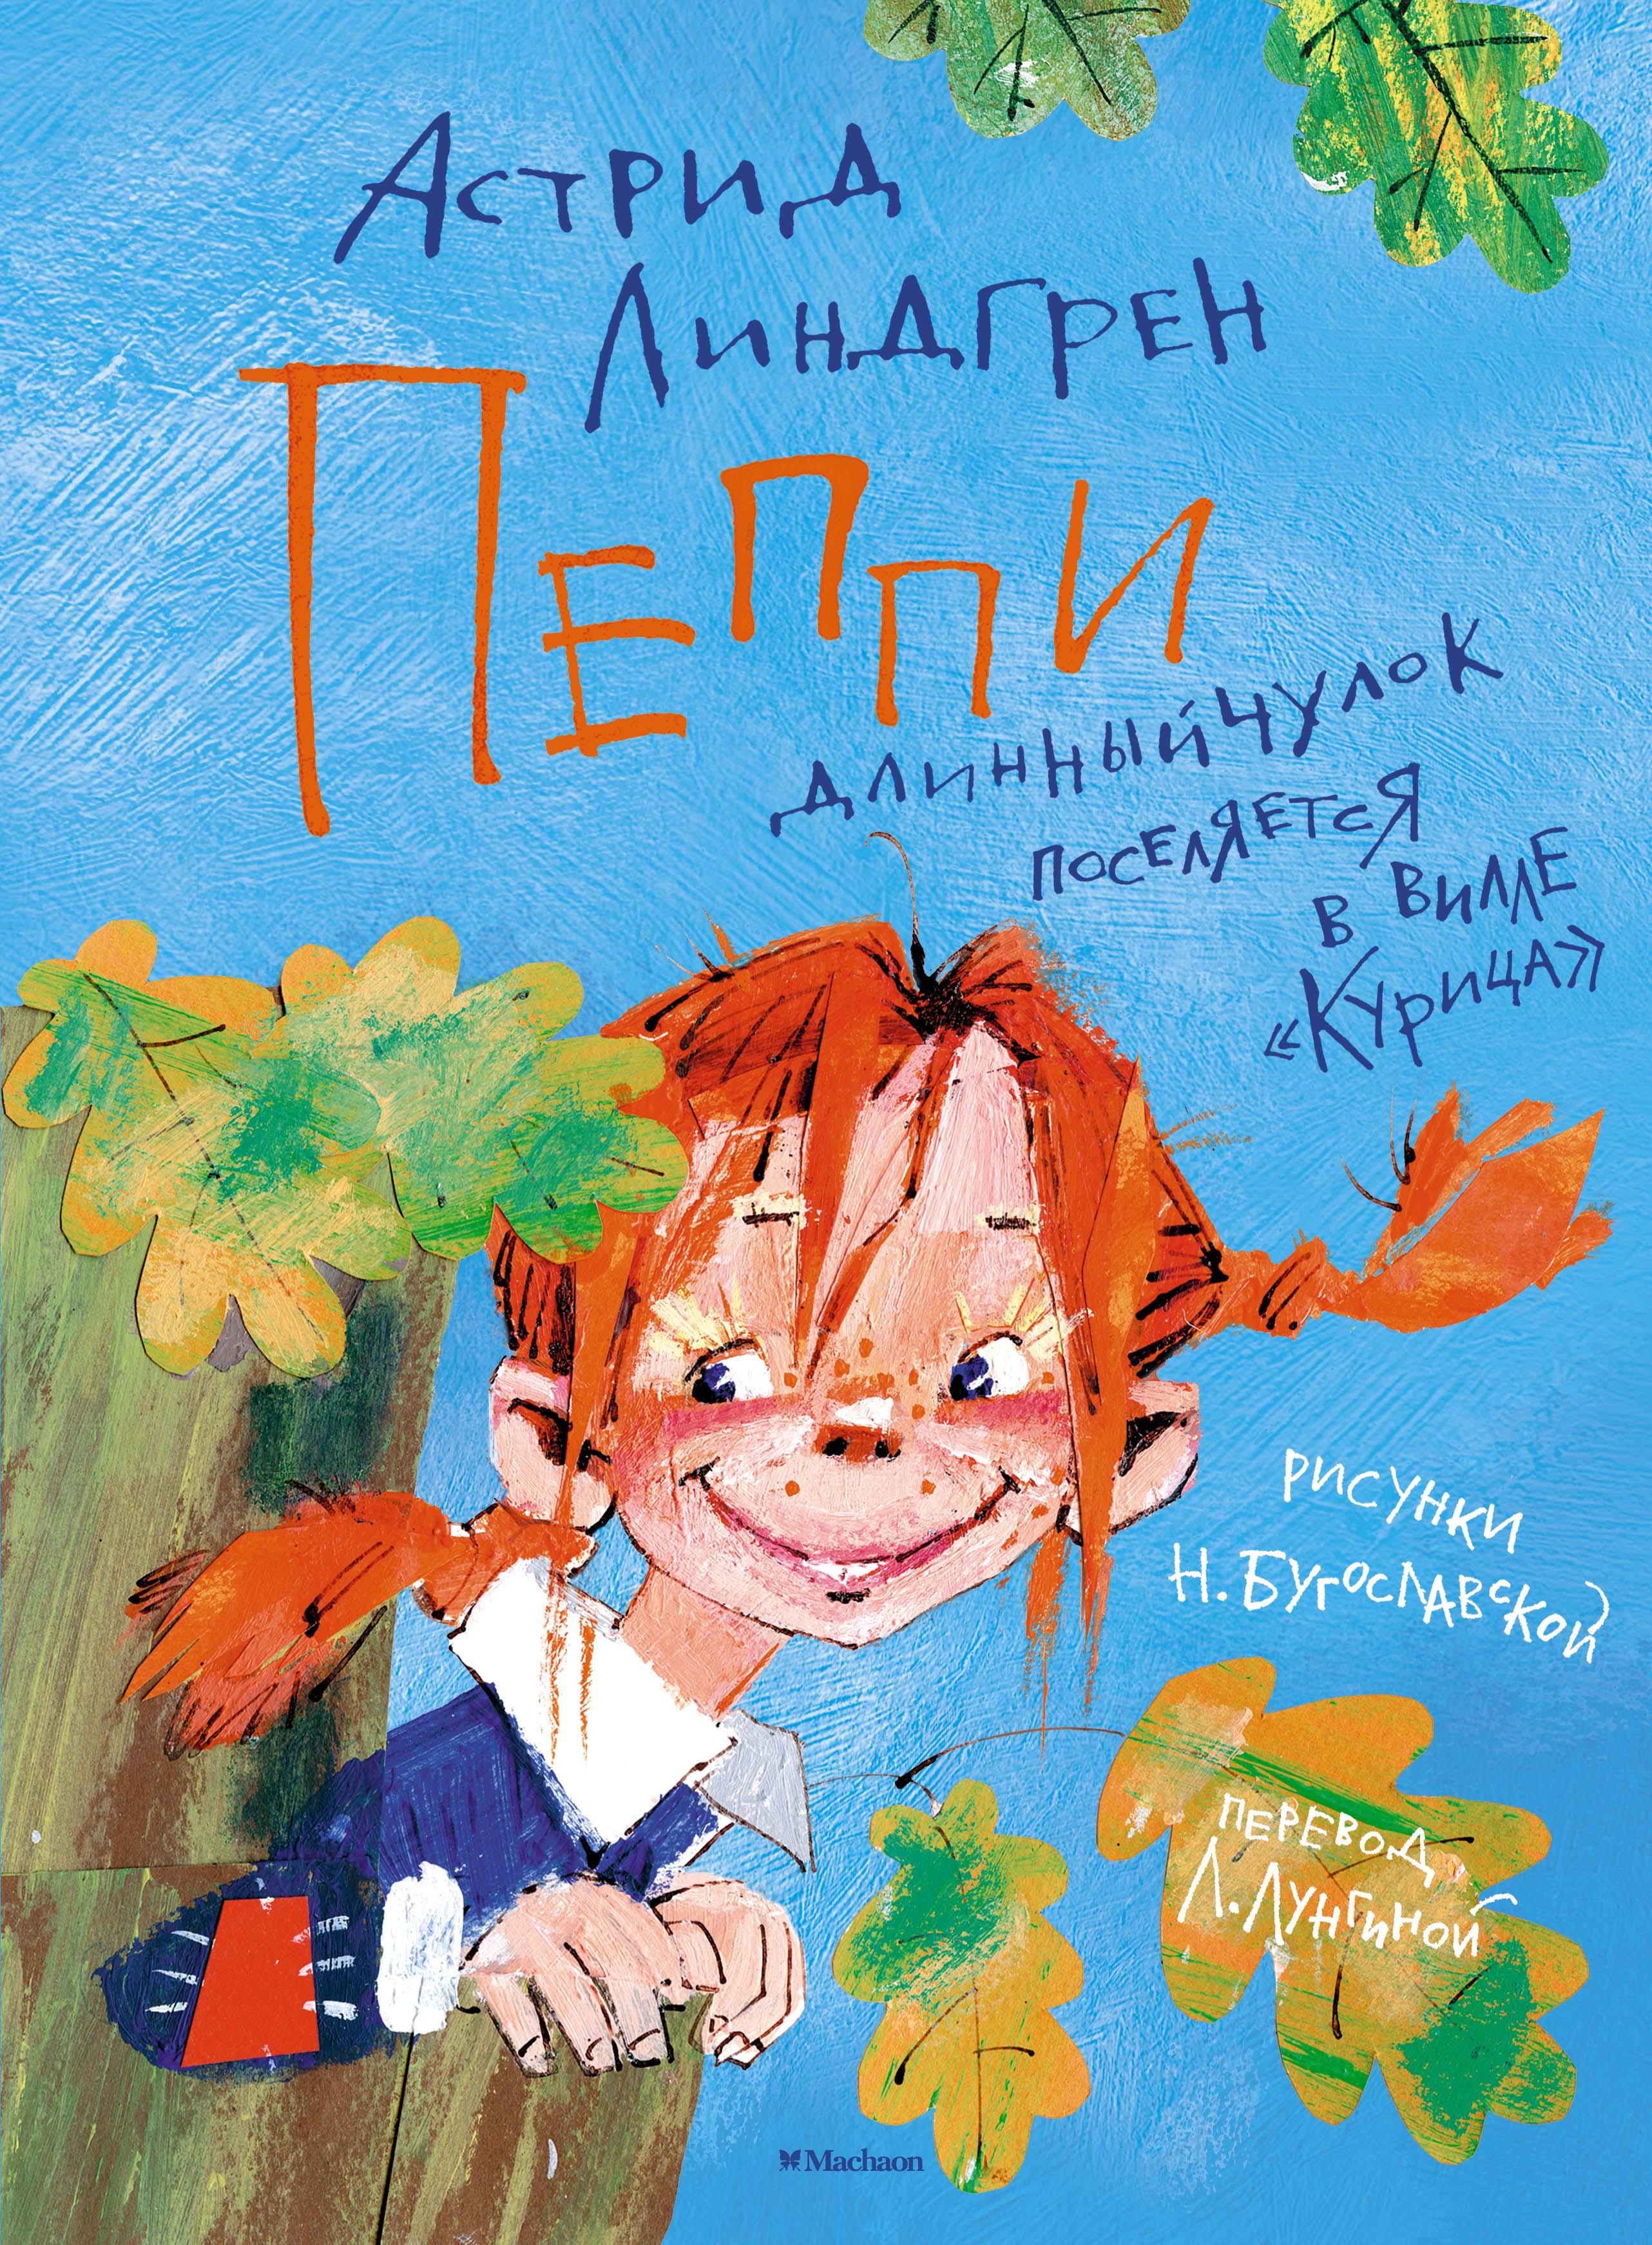 Пеппи Длинныйчулок поселяется в вилле Курица (иллюстр. Н. Бугославской)